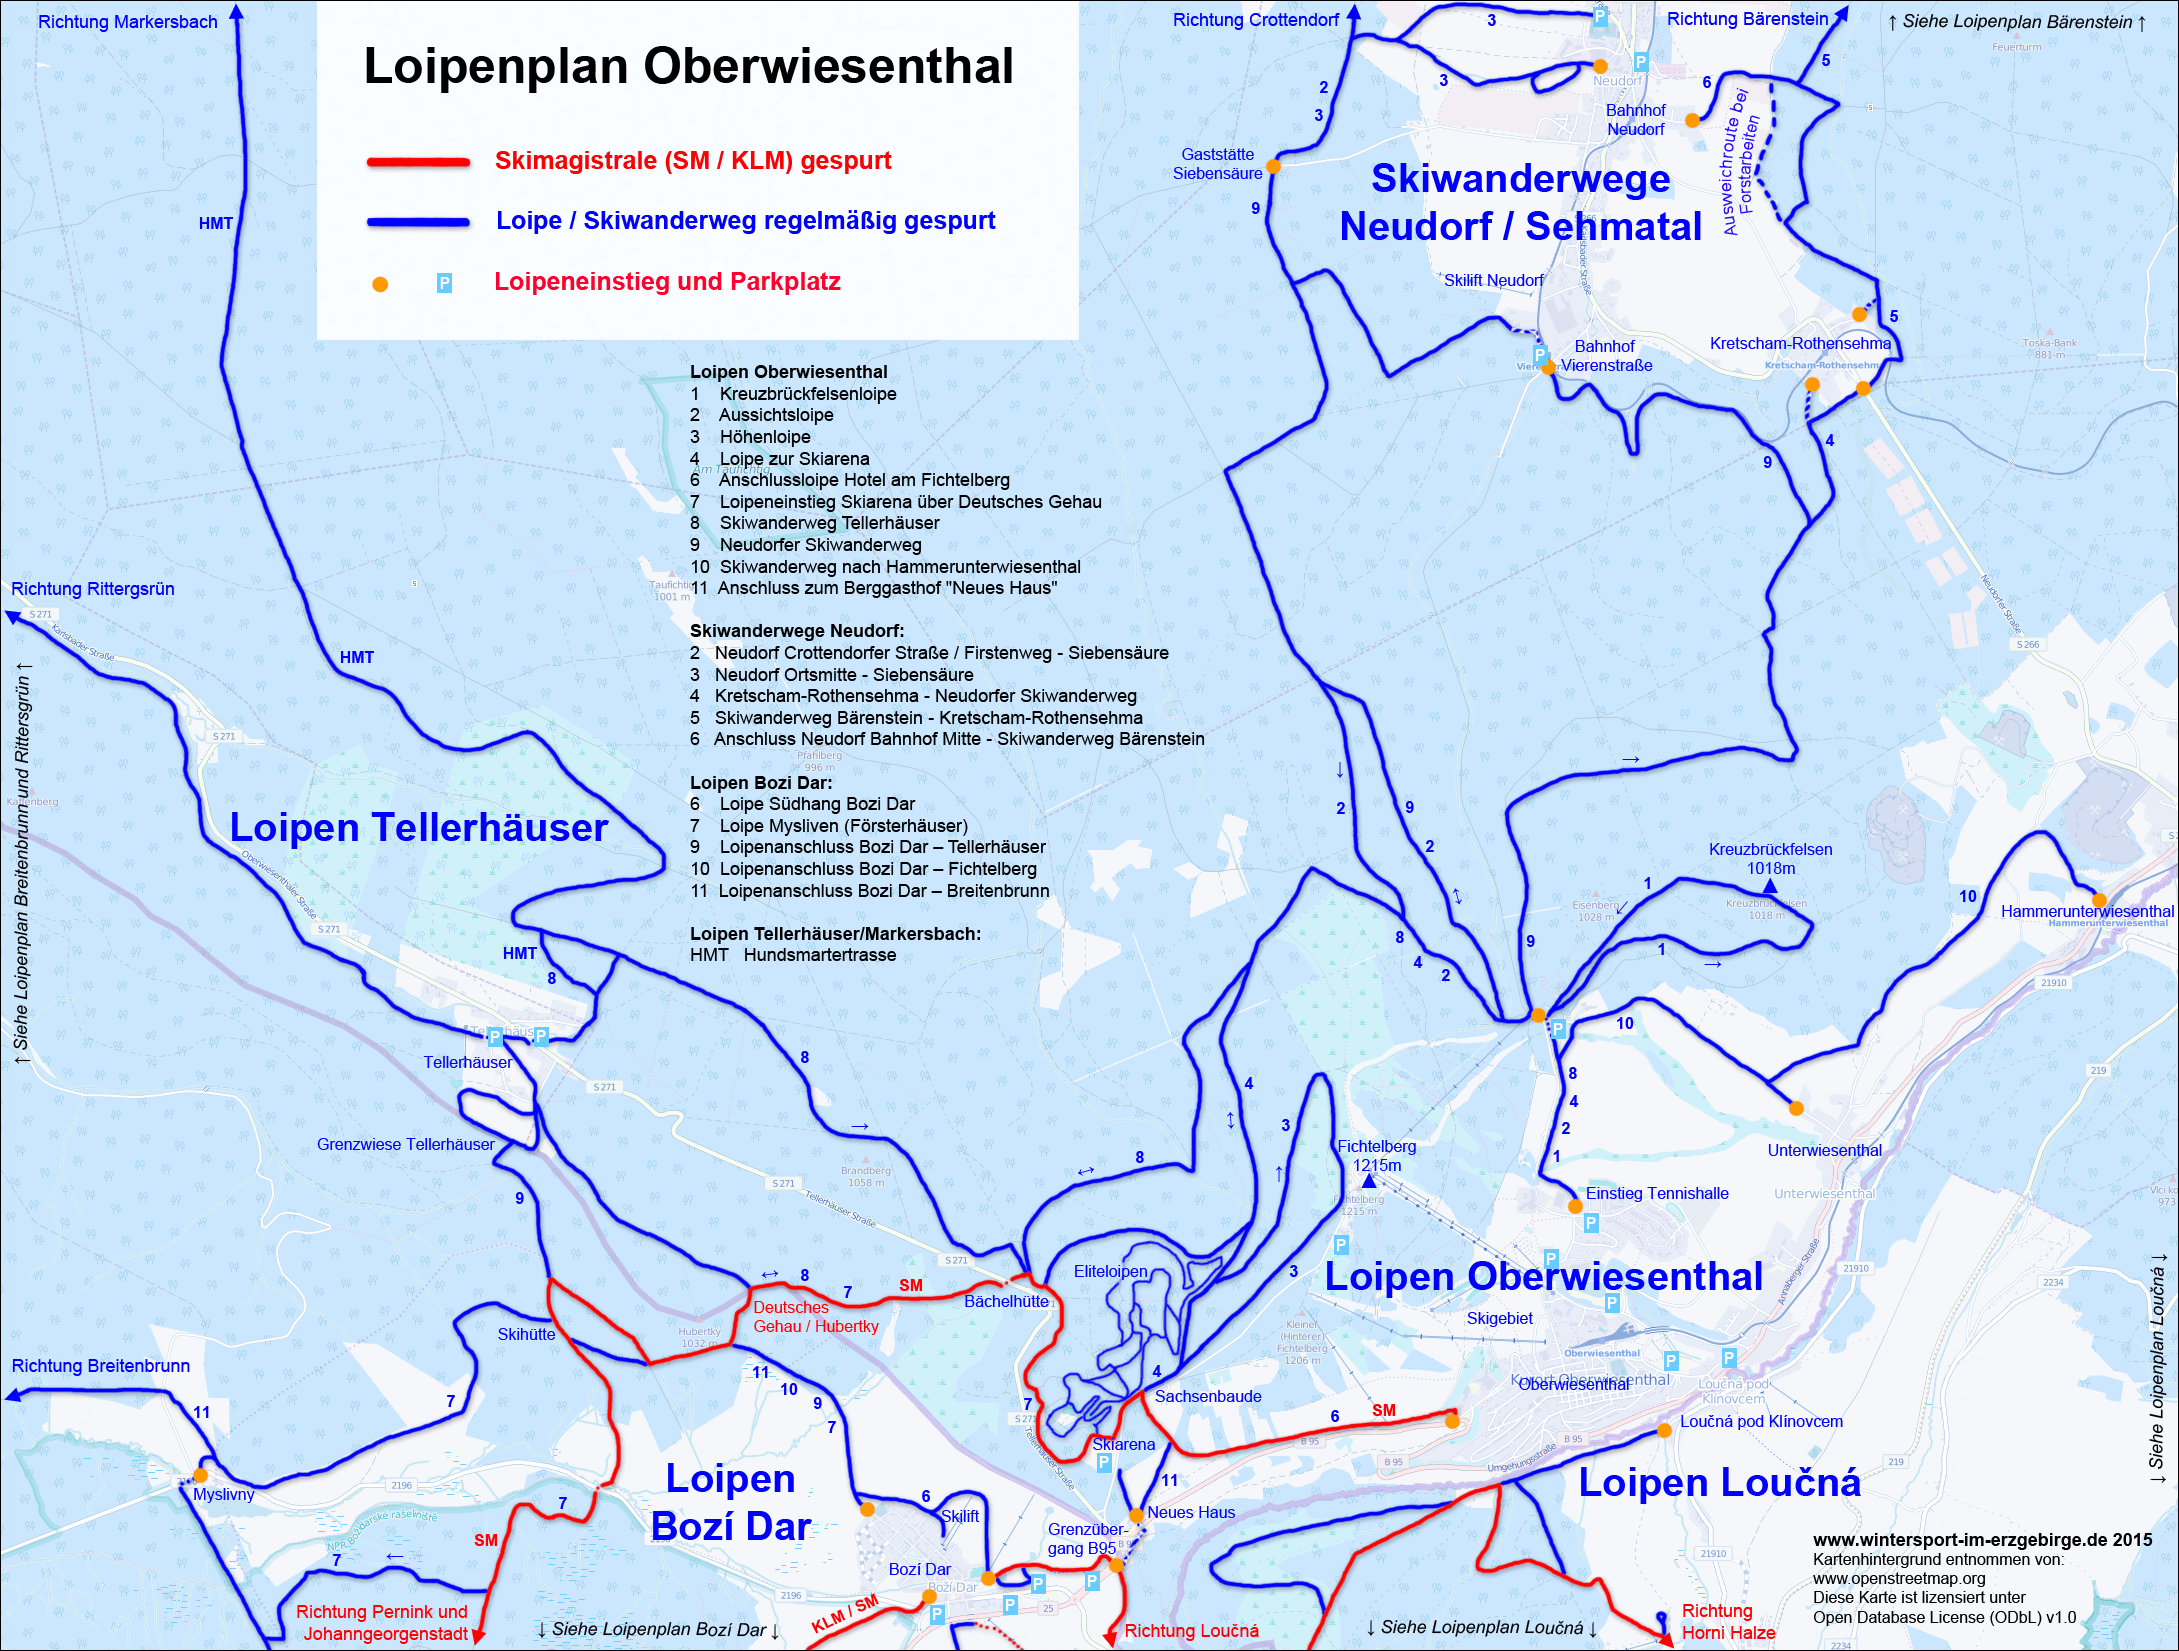 Loipenplan_Oberwiesenthal